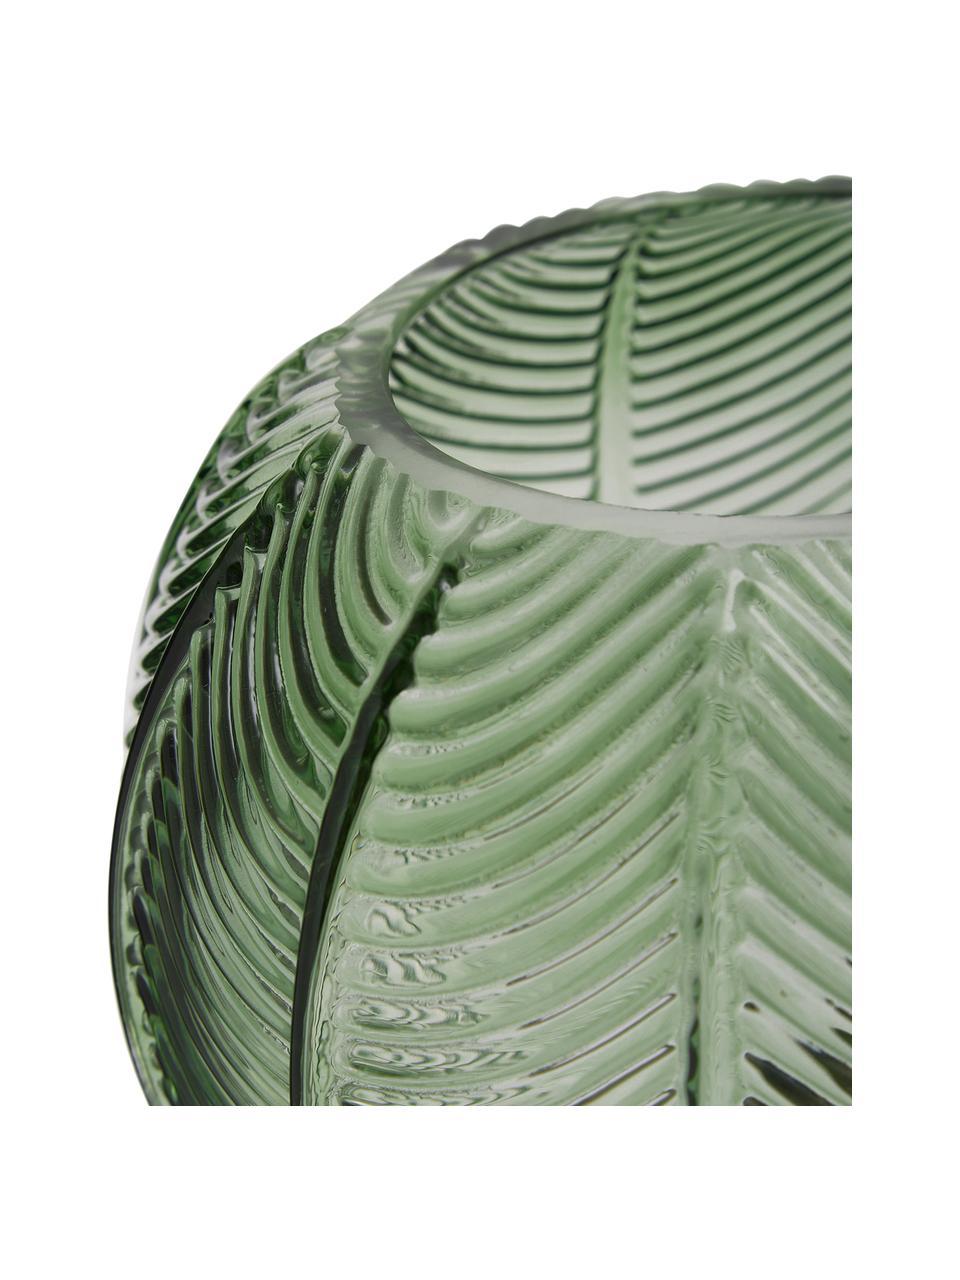 Vaso in vetro verde con base in ottone Mickey, Vaso: vetro, Vaso: verde, trasparente Base: ottone, Ø 20 x Alt. 21 cm